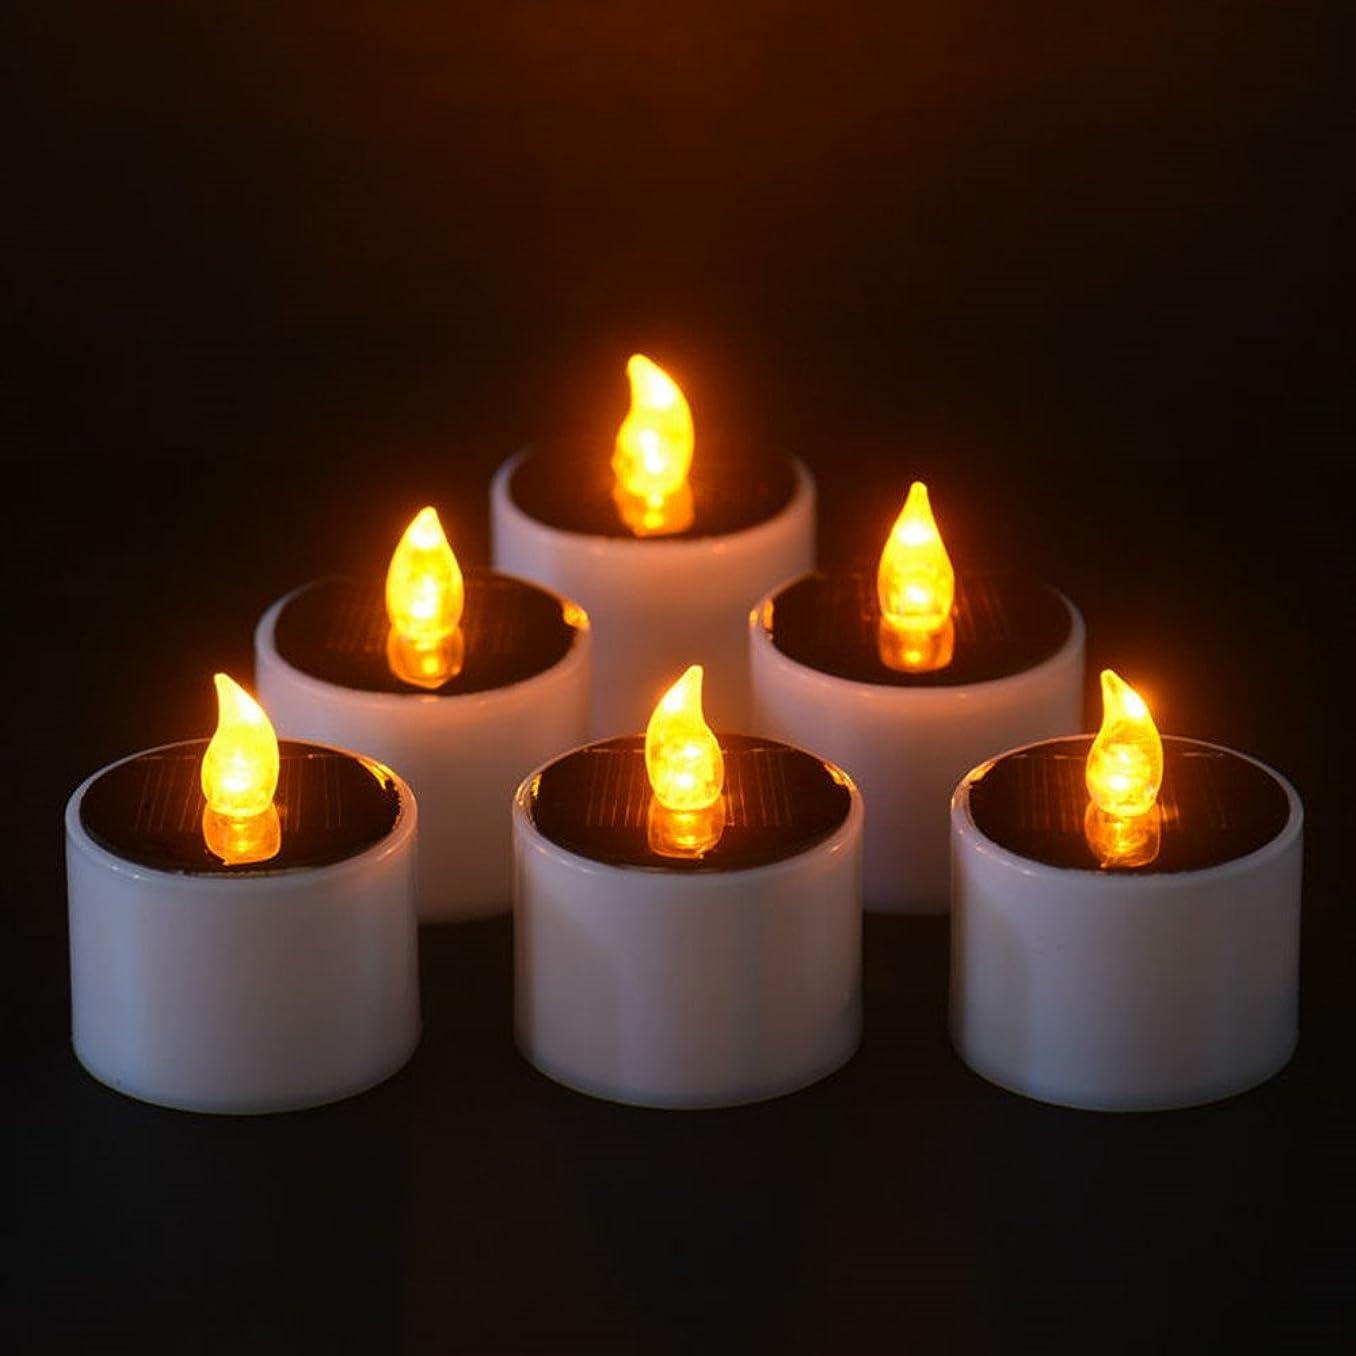 韻さまよう反乱ソーラーキャンドル、ソーラー電源電子常夜灯LEDキャンドルライトFlameless Tealightsちらつきキャンドル、イエロー、6個のパック